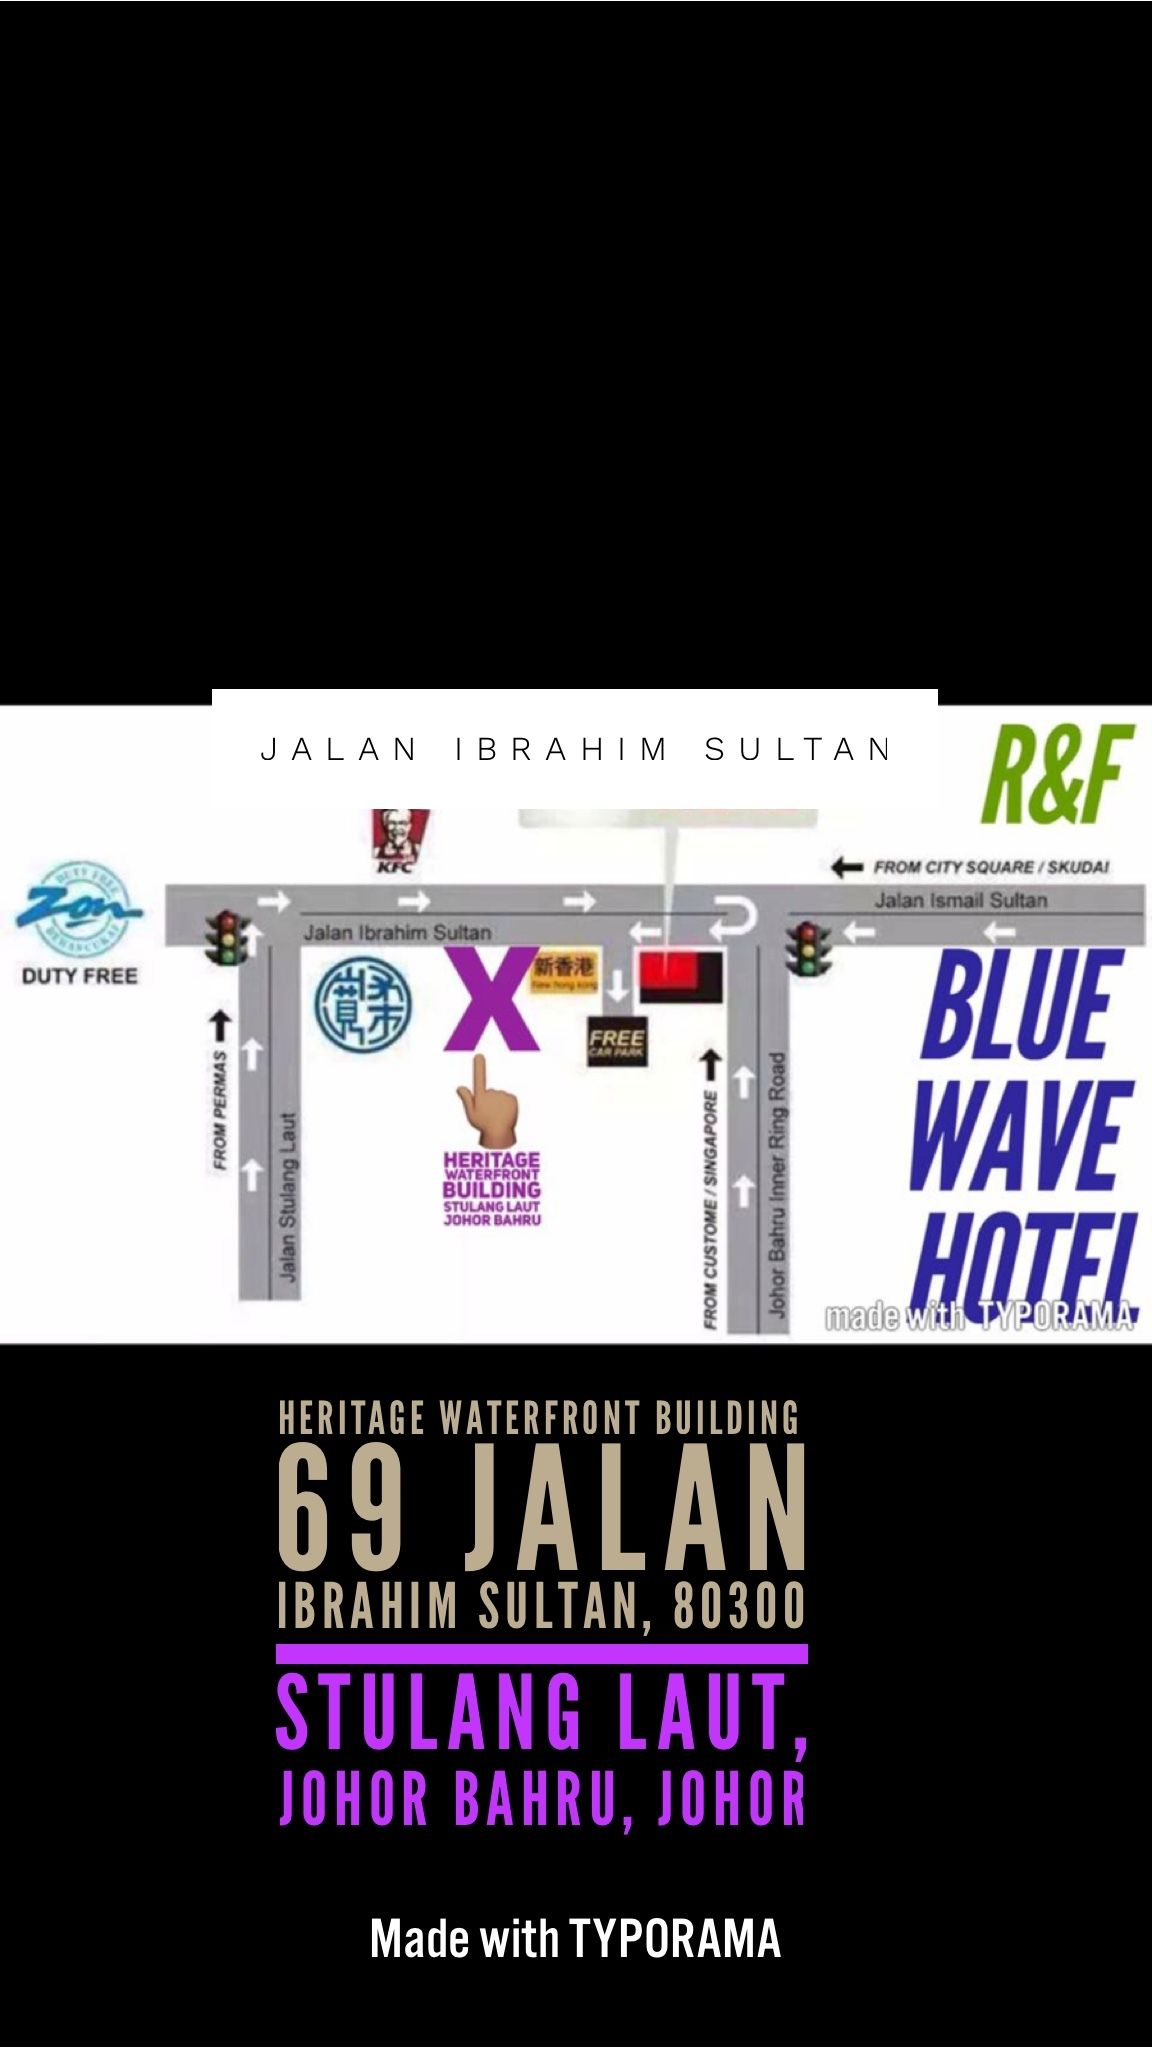 Heritage Waterfront, Stulang Laut, Johor Bahru!